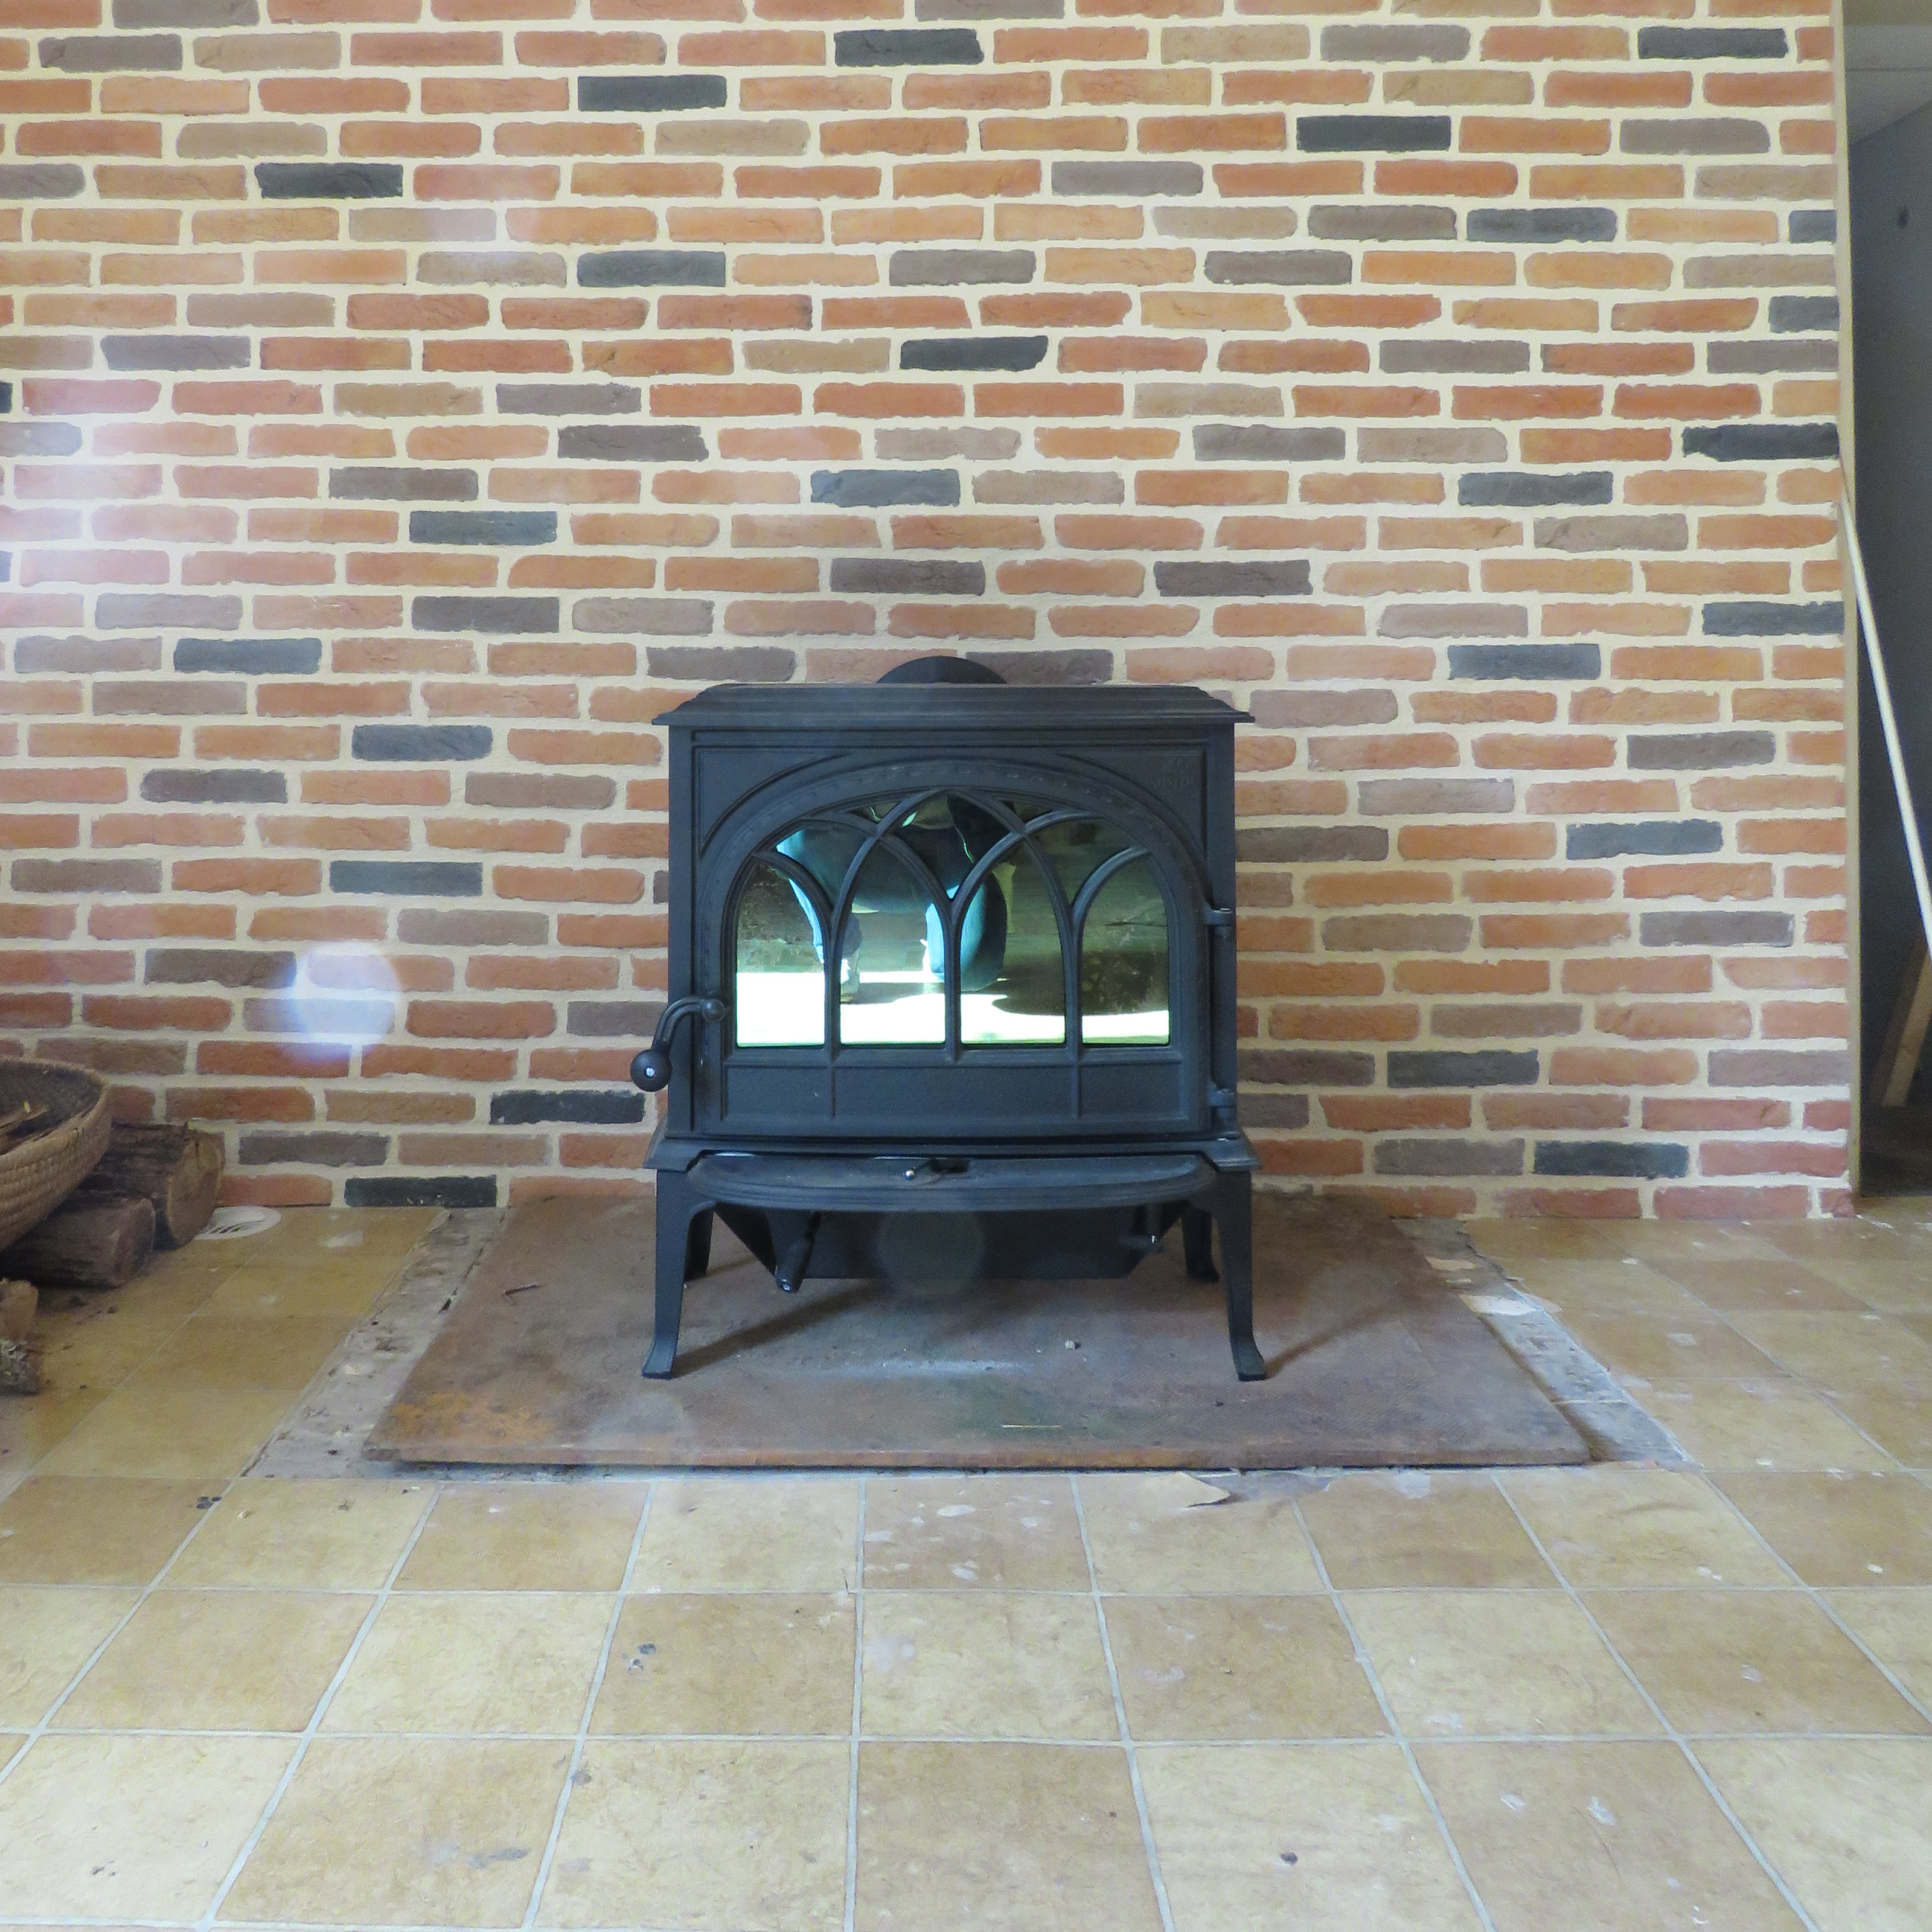 photo installation, poêle à bois, JOTUL F 400, classique, fonte, brique 5 tons, JOTUL Savigné, Giraud & fils